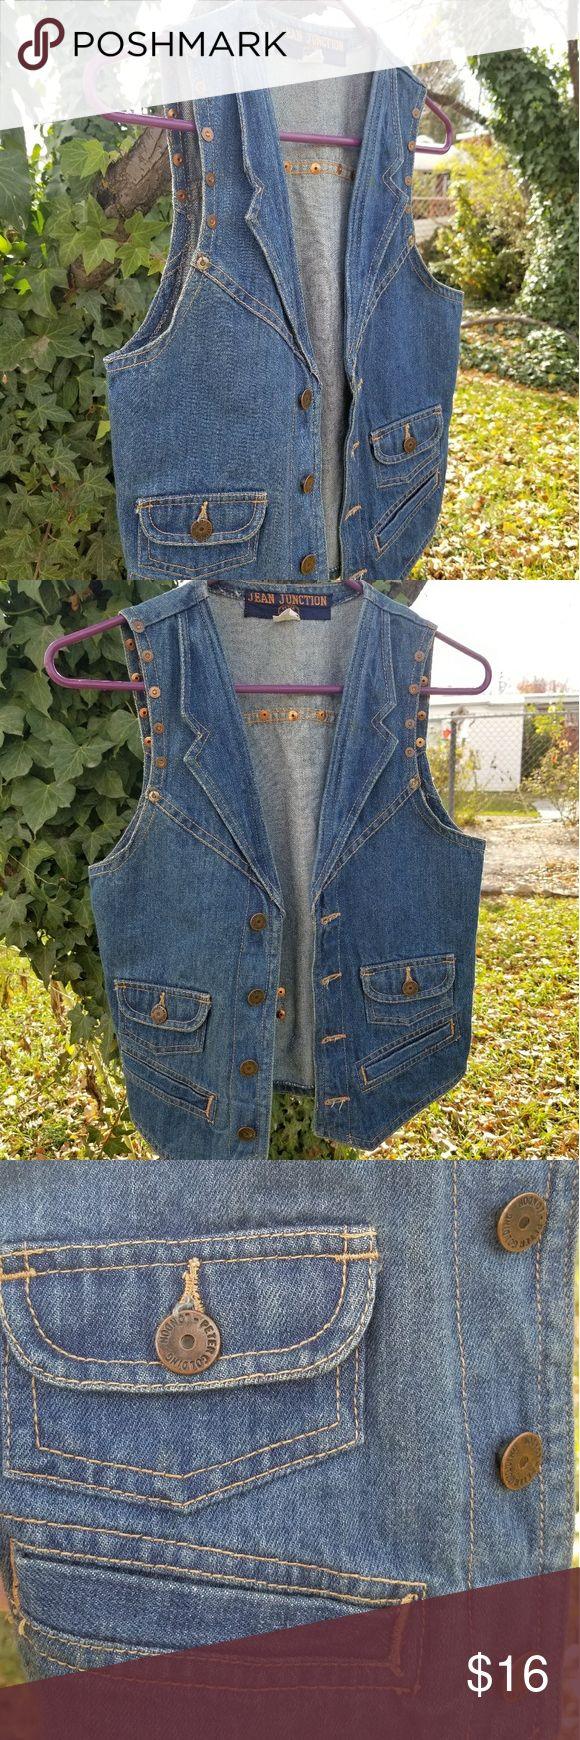 Vintage Denim Vest Denim, Vintage 1970s Jean Junction Peter Golding London, size small. Perfect vintage condition. Peter Golding London Jackets & Coats